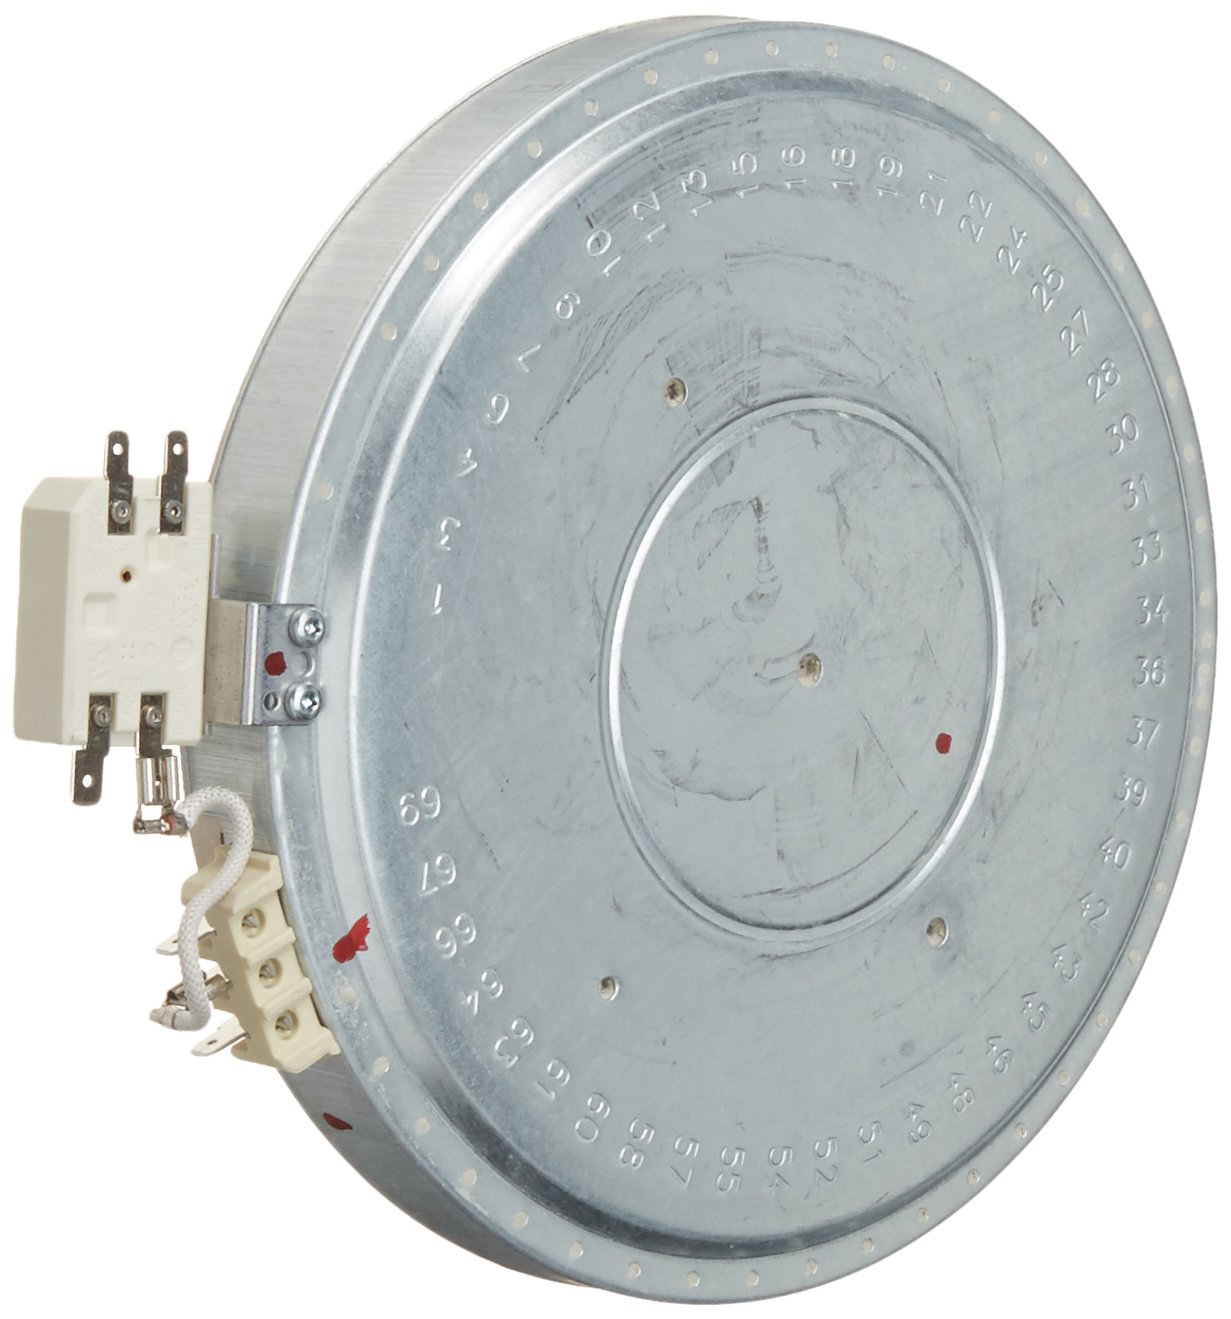 Frigidaire 318198933 Range/Stove/Oven Radiant Surface Element